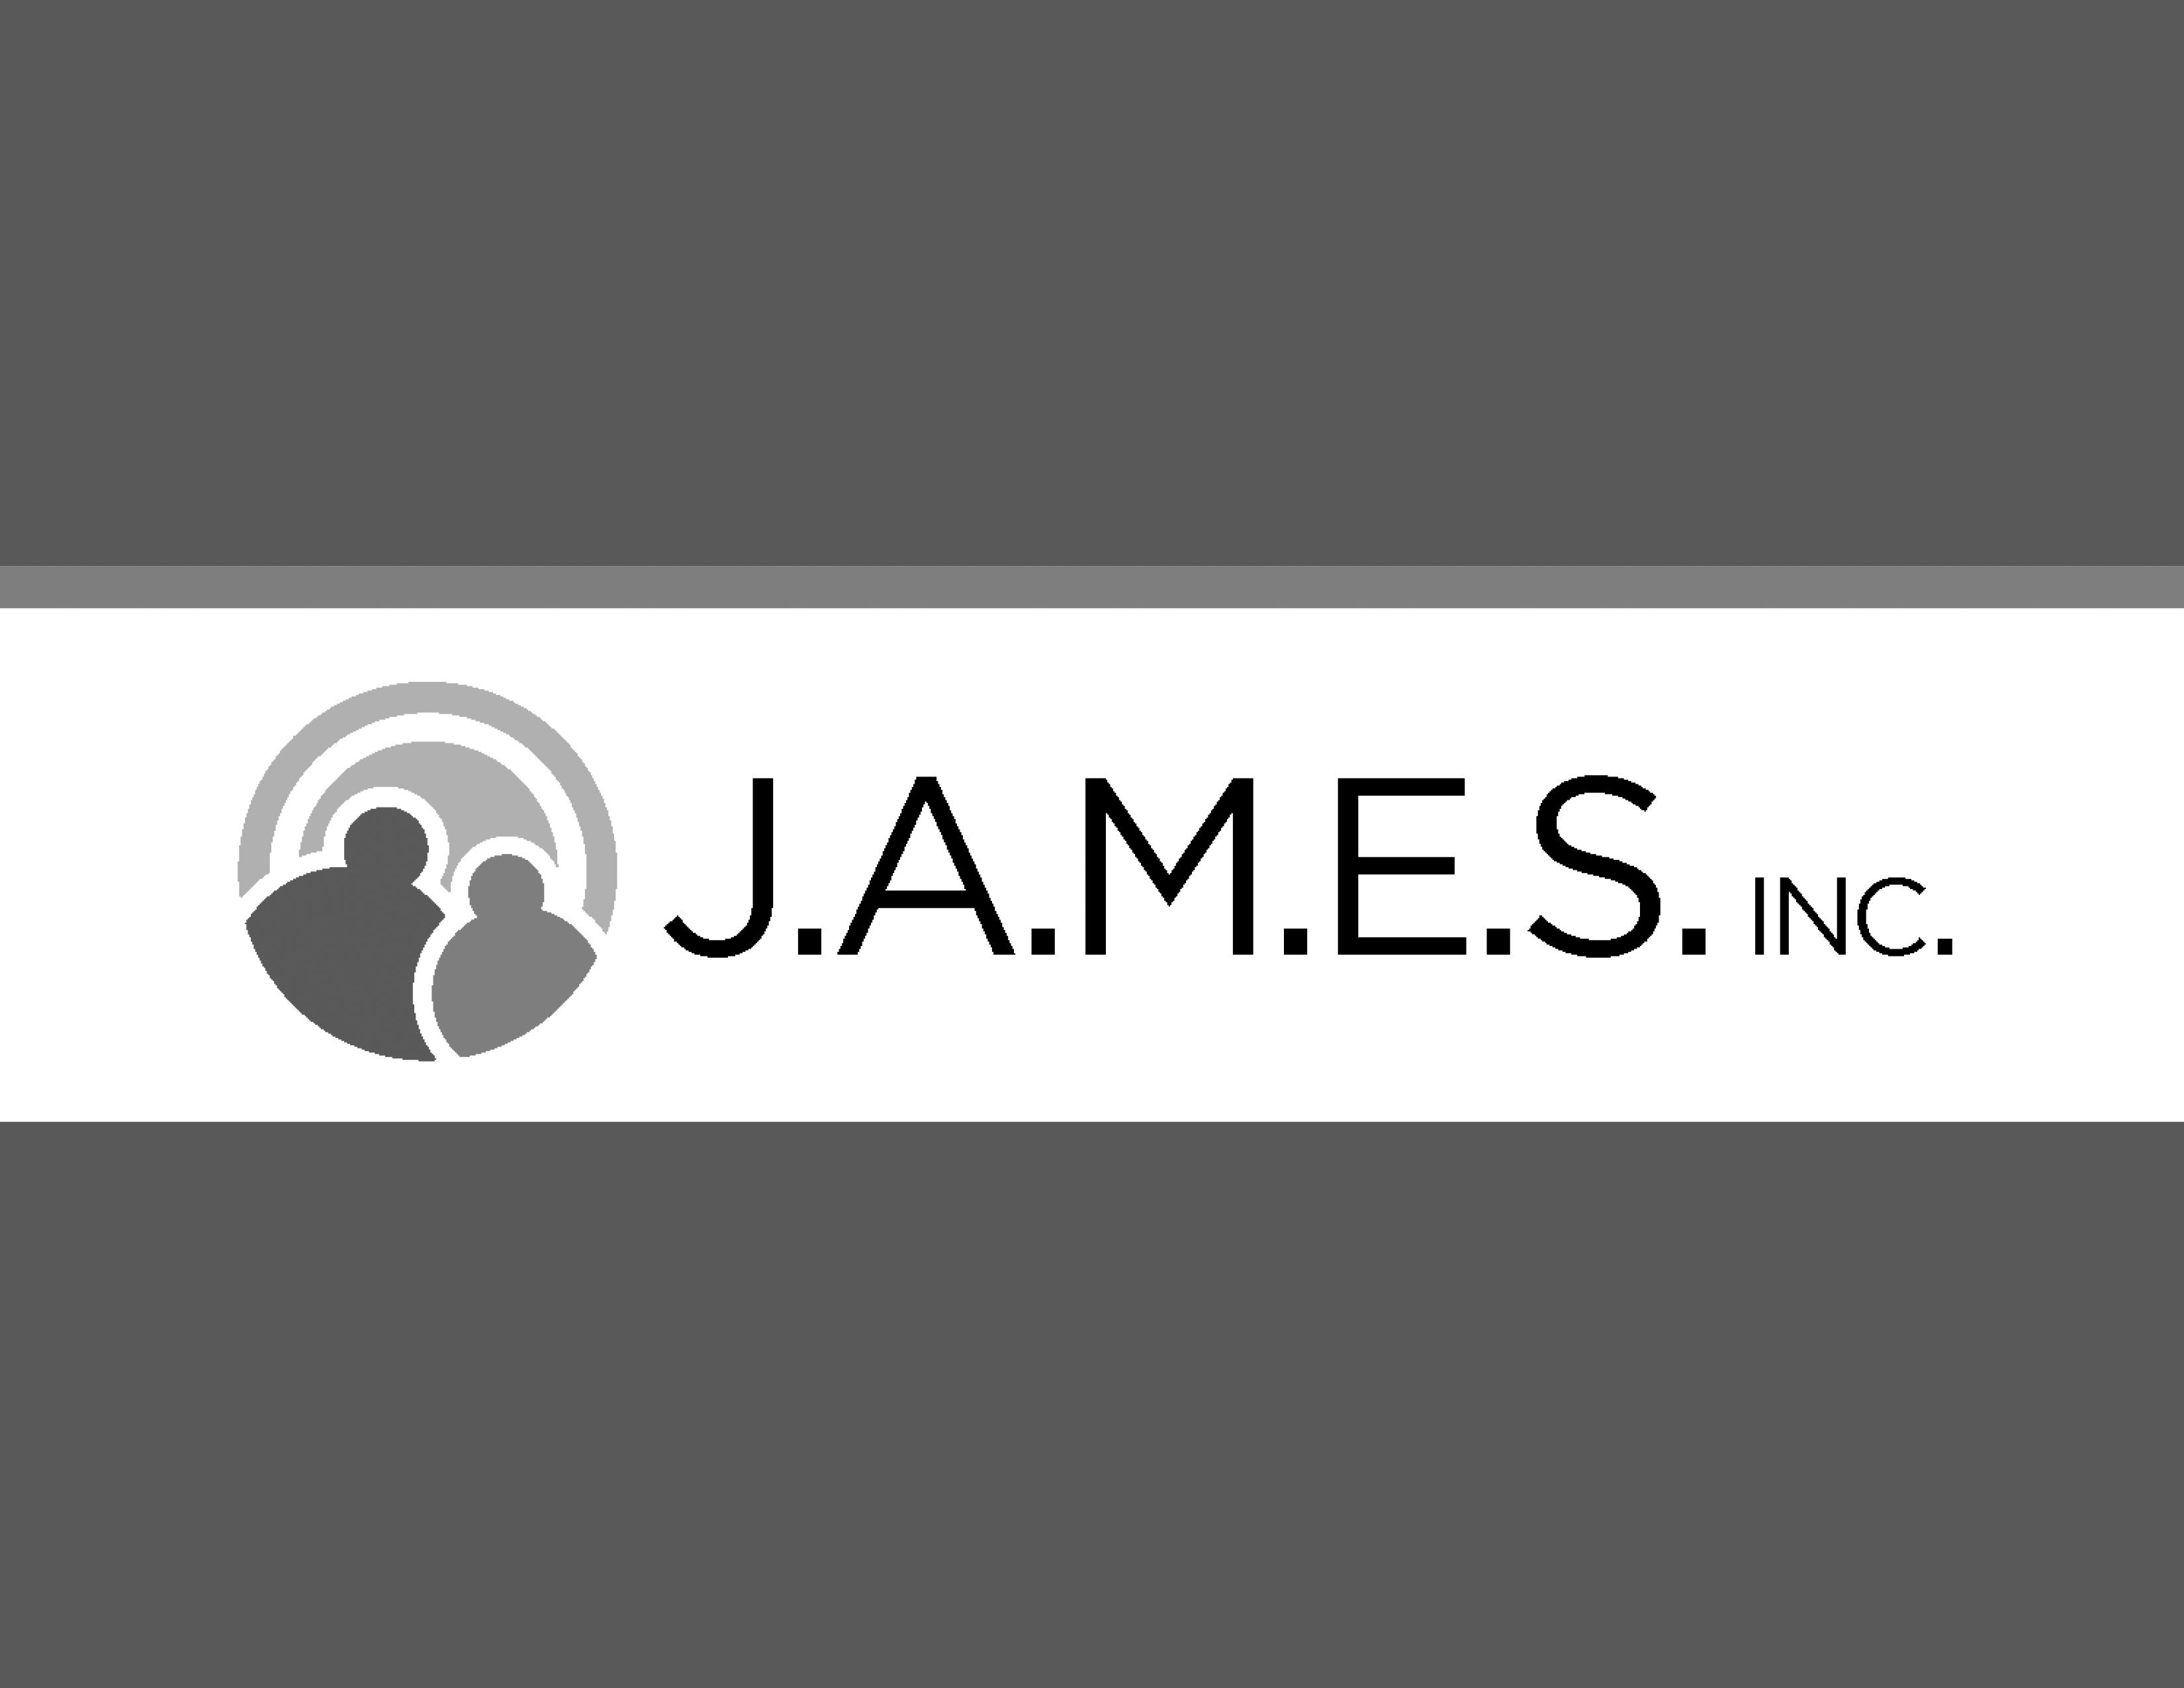 J.A.M.E.S. Inc